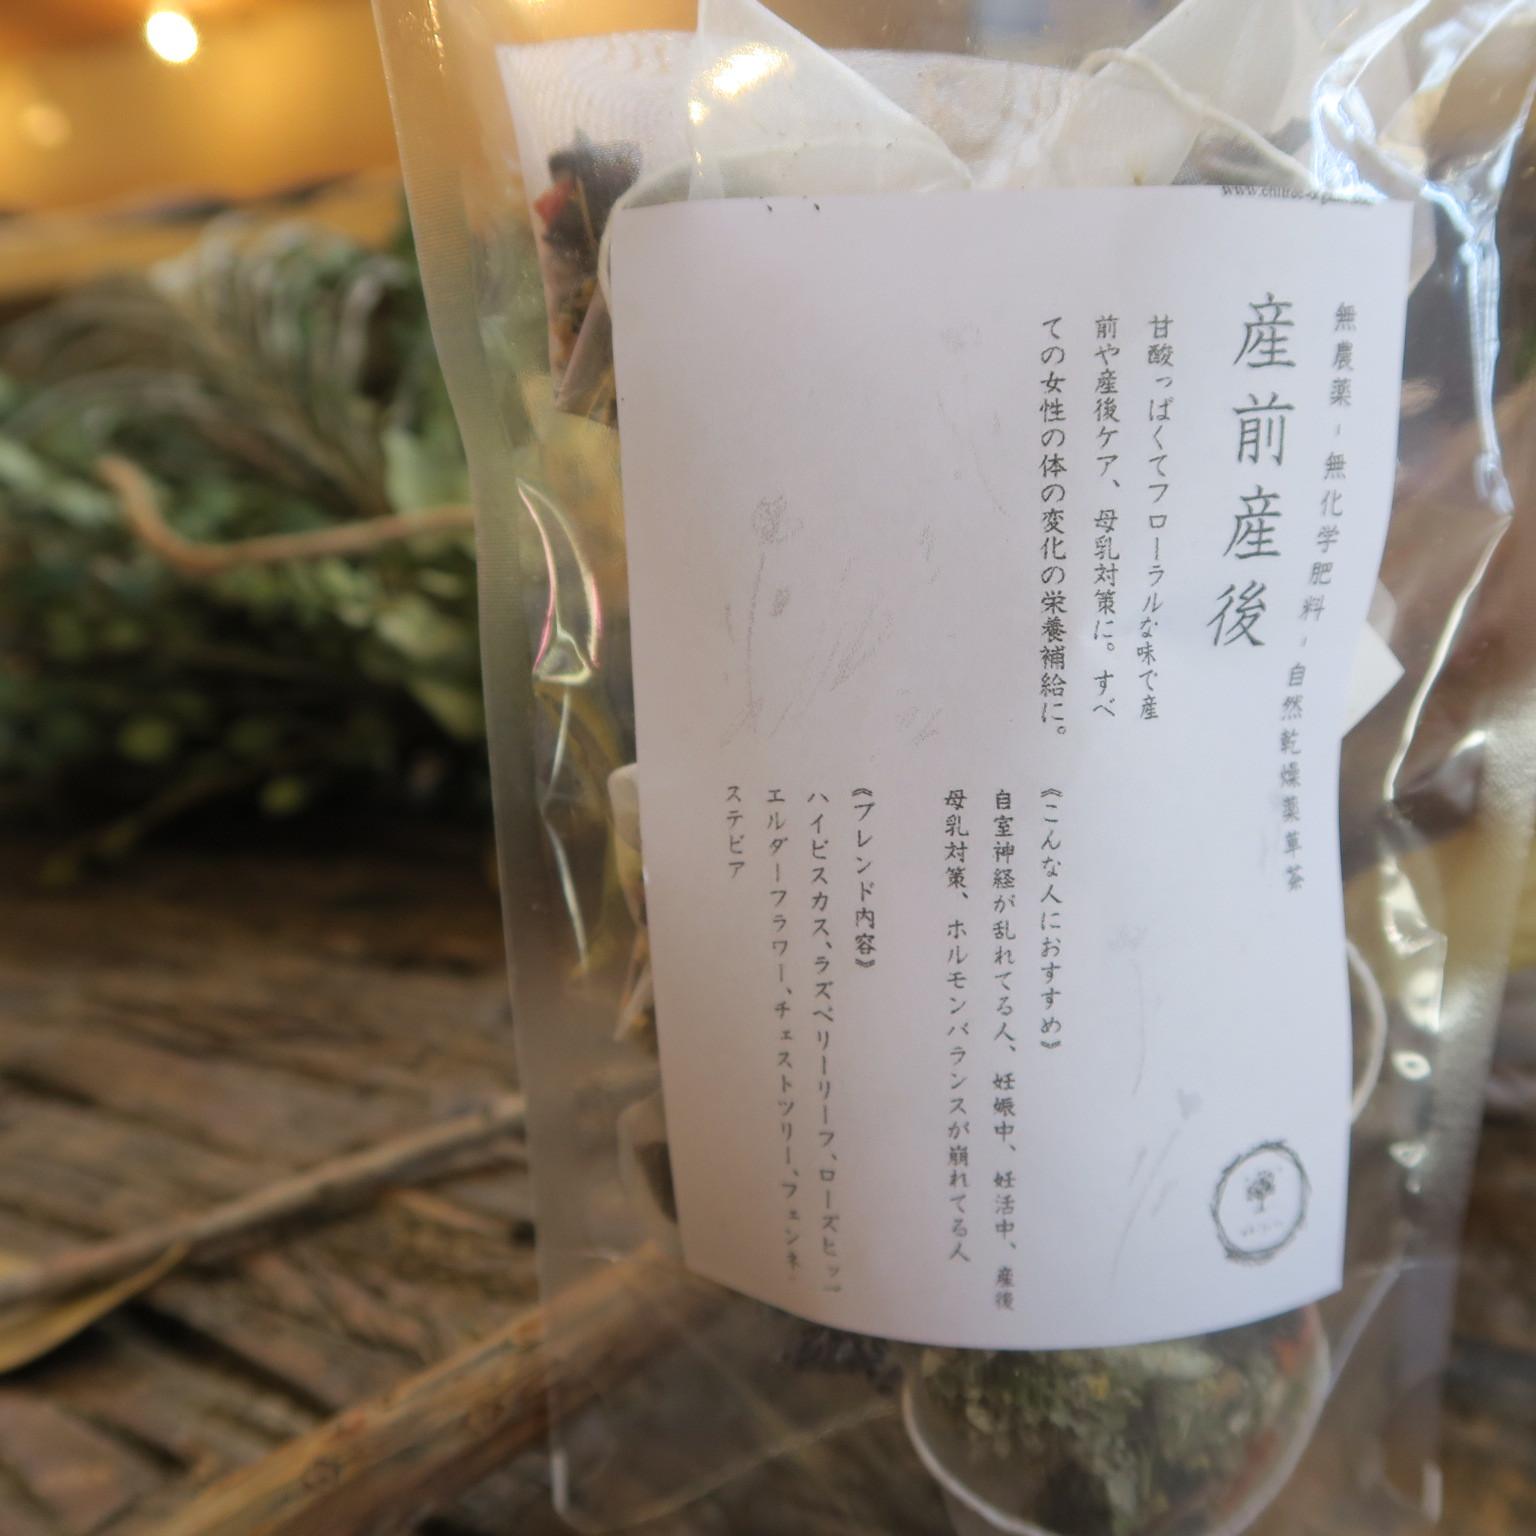 産前、産後にぴったりのブレンド薬草茶〜無農薬・無化学肥料・自然乾燥薬草茶で安心して飲用できます〜